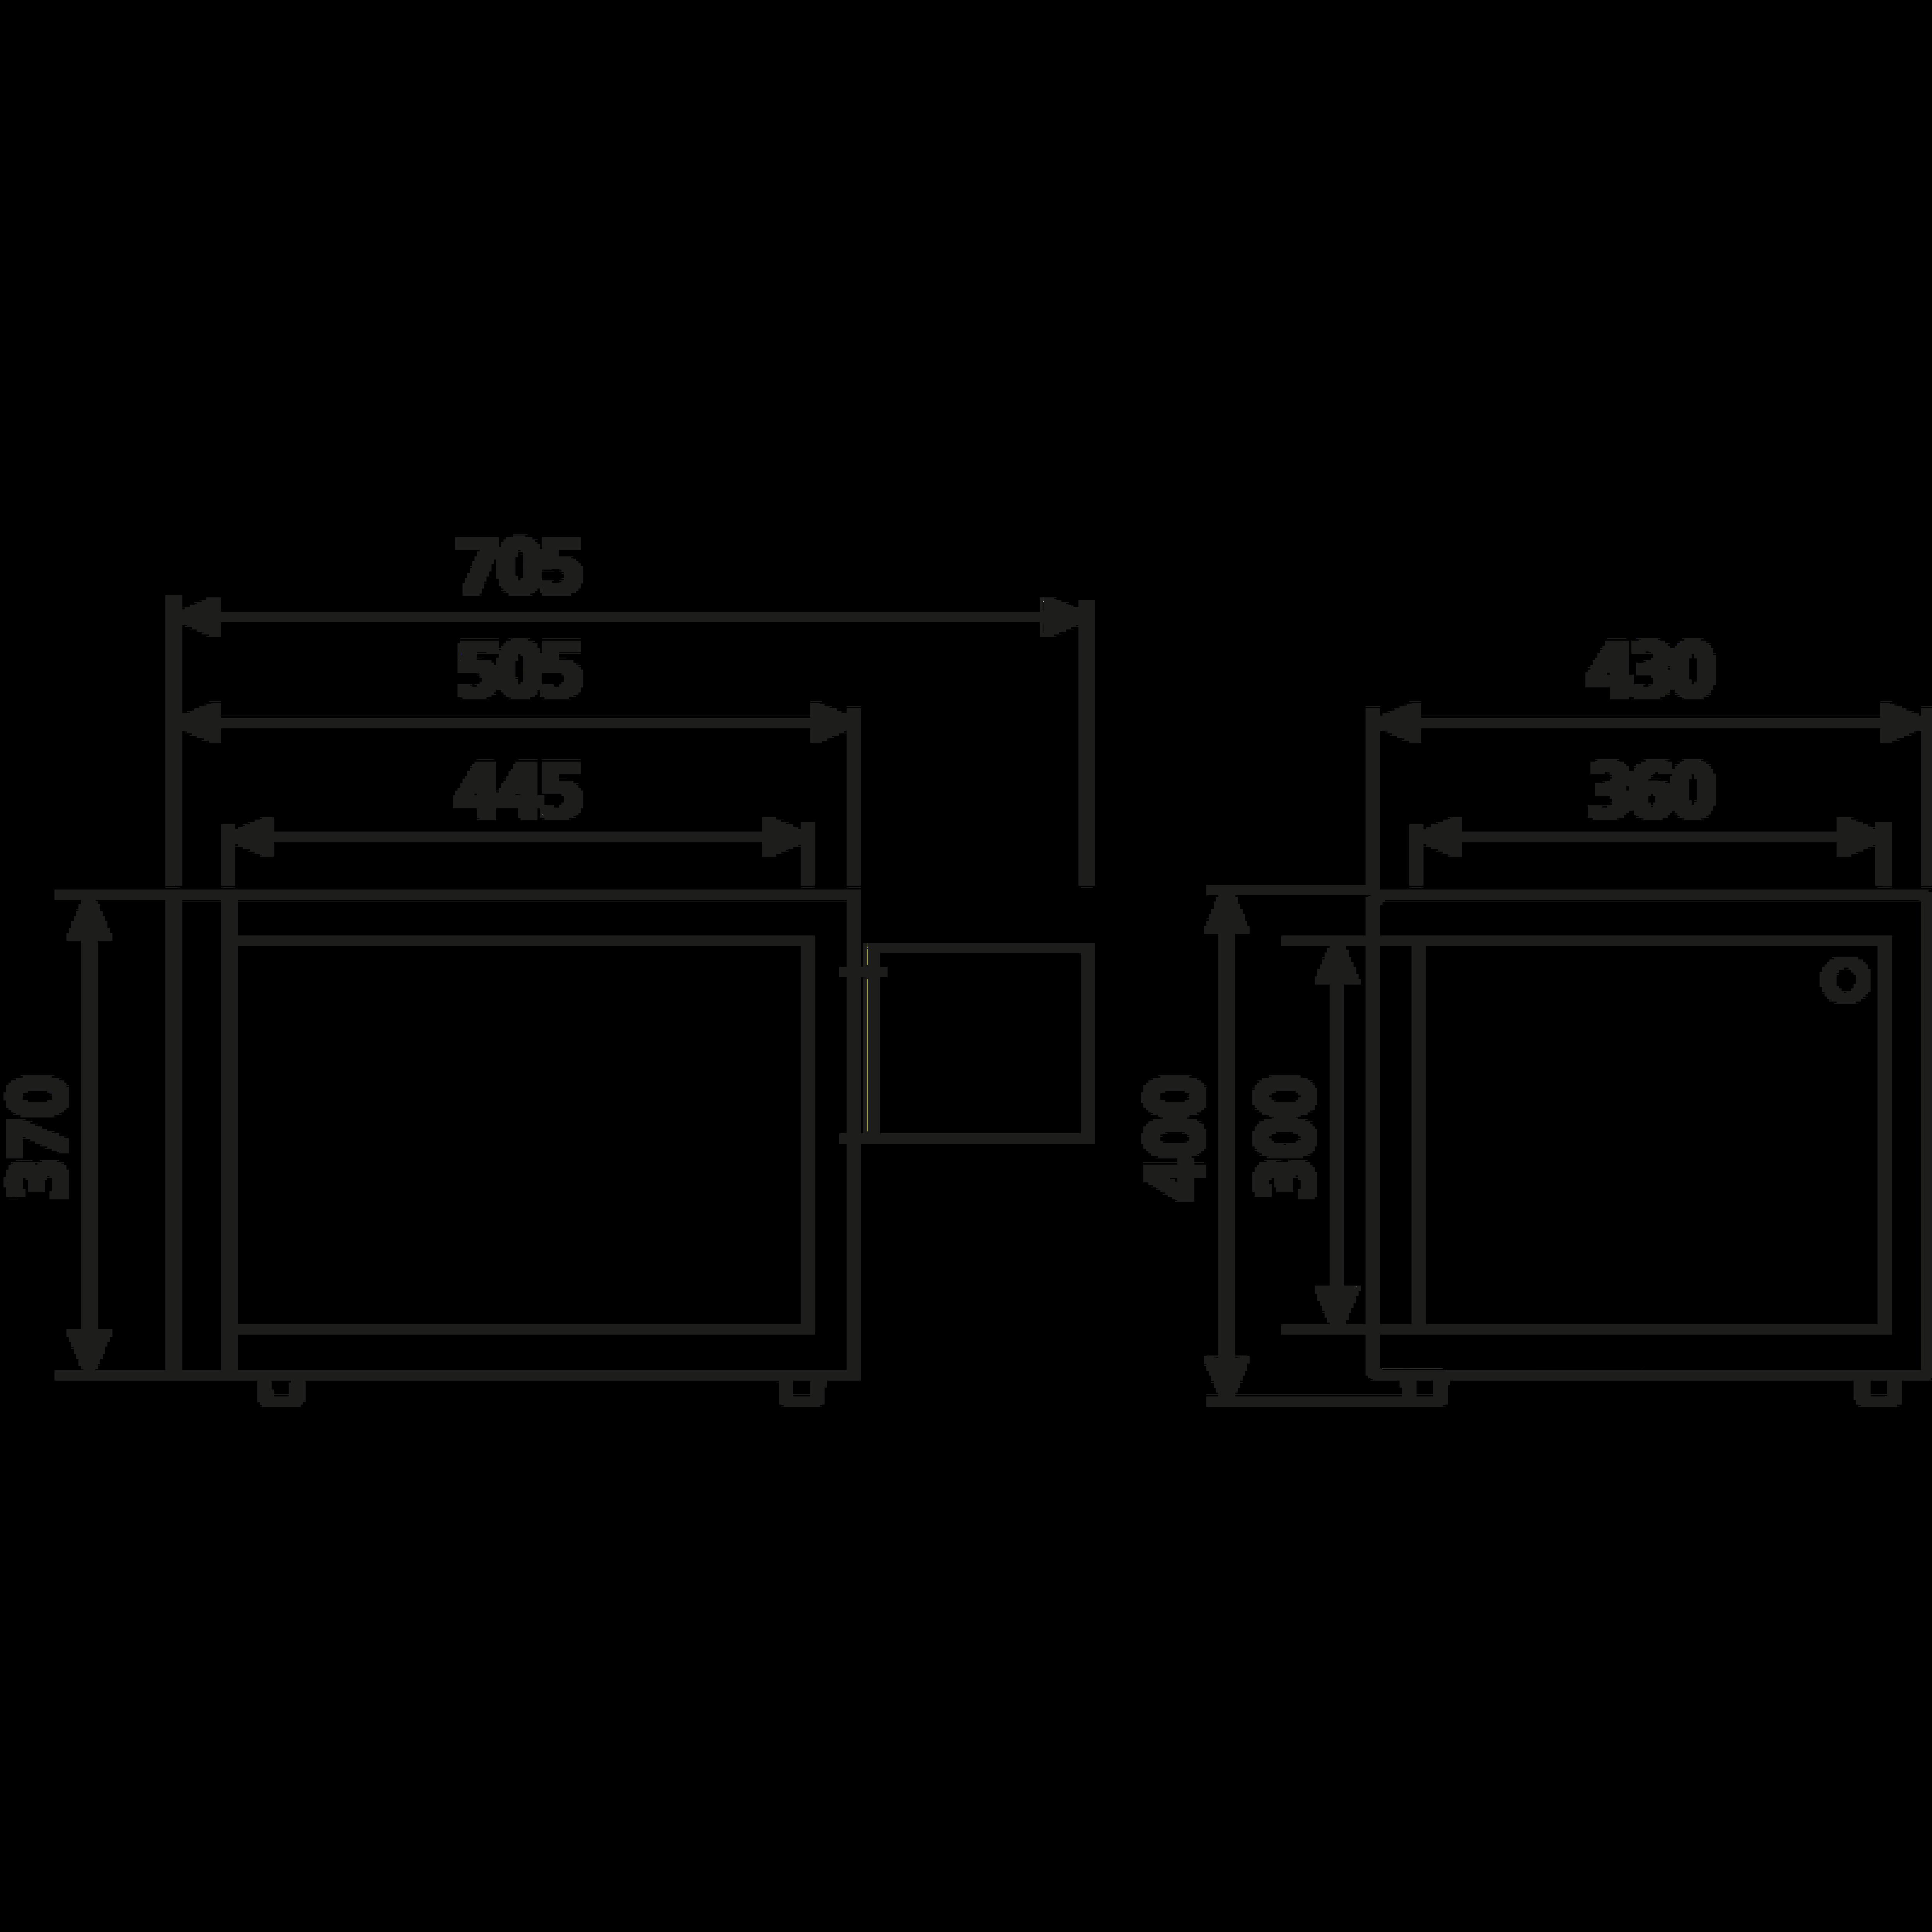 RHD 50 Dimension Drawing